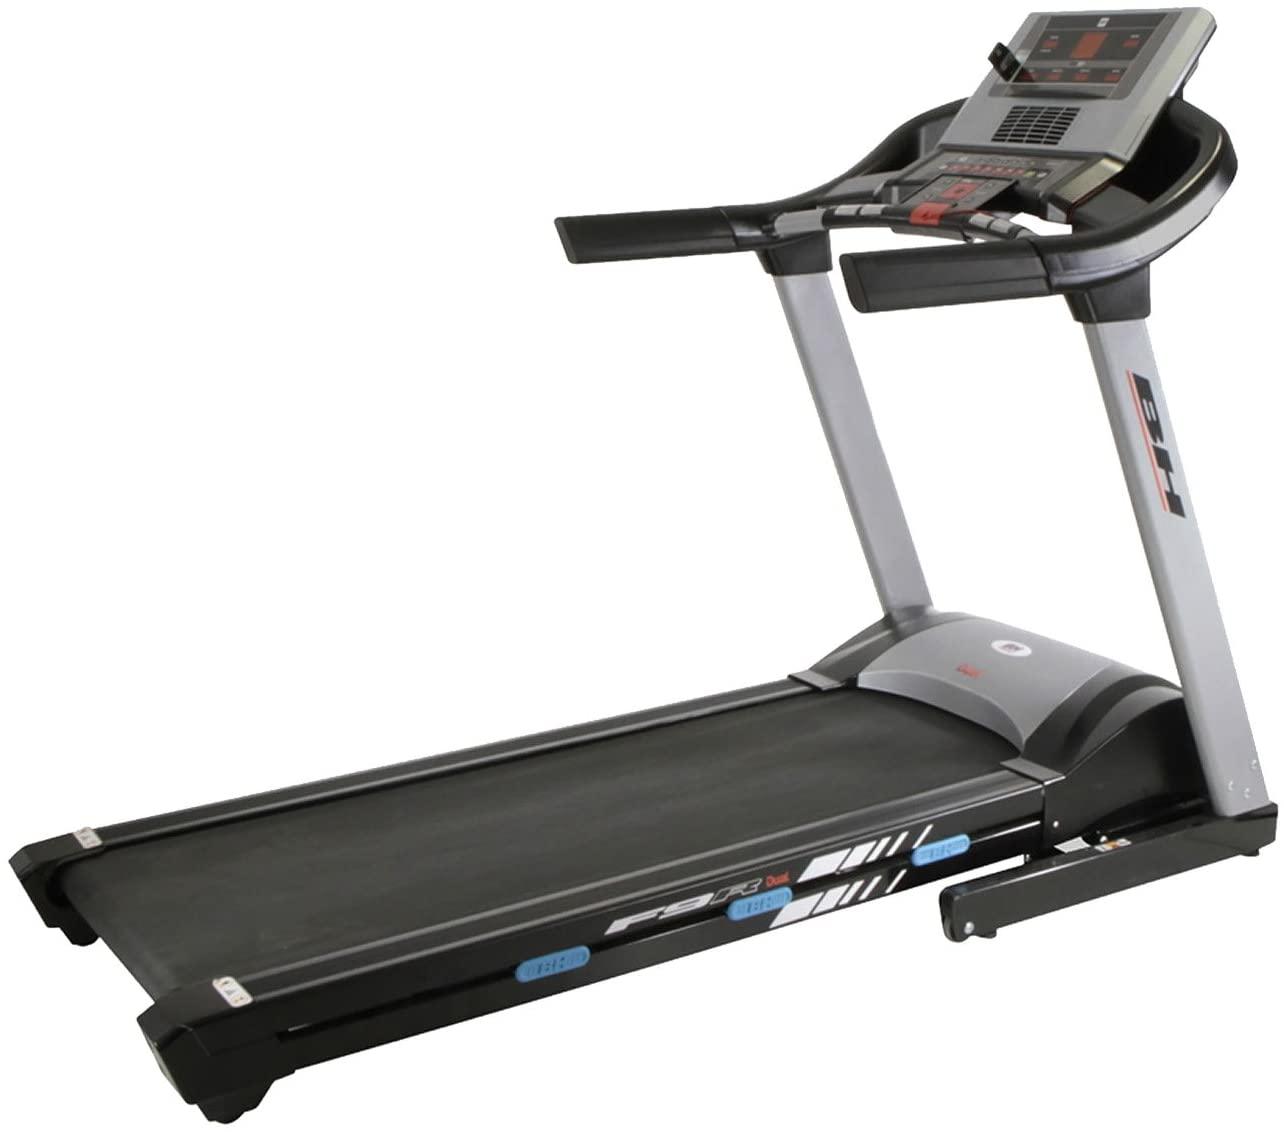 BH i.F9R Dual Treadmill